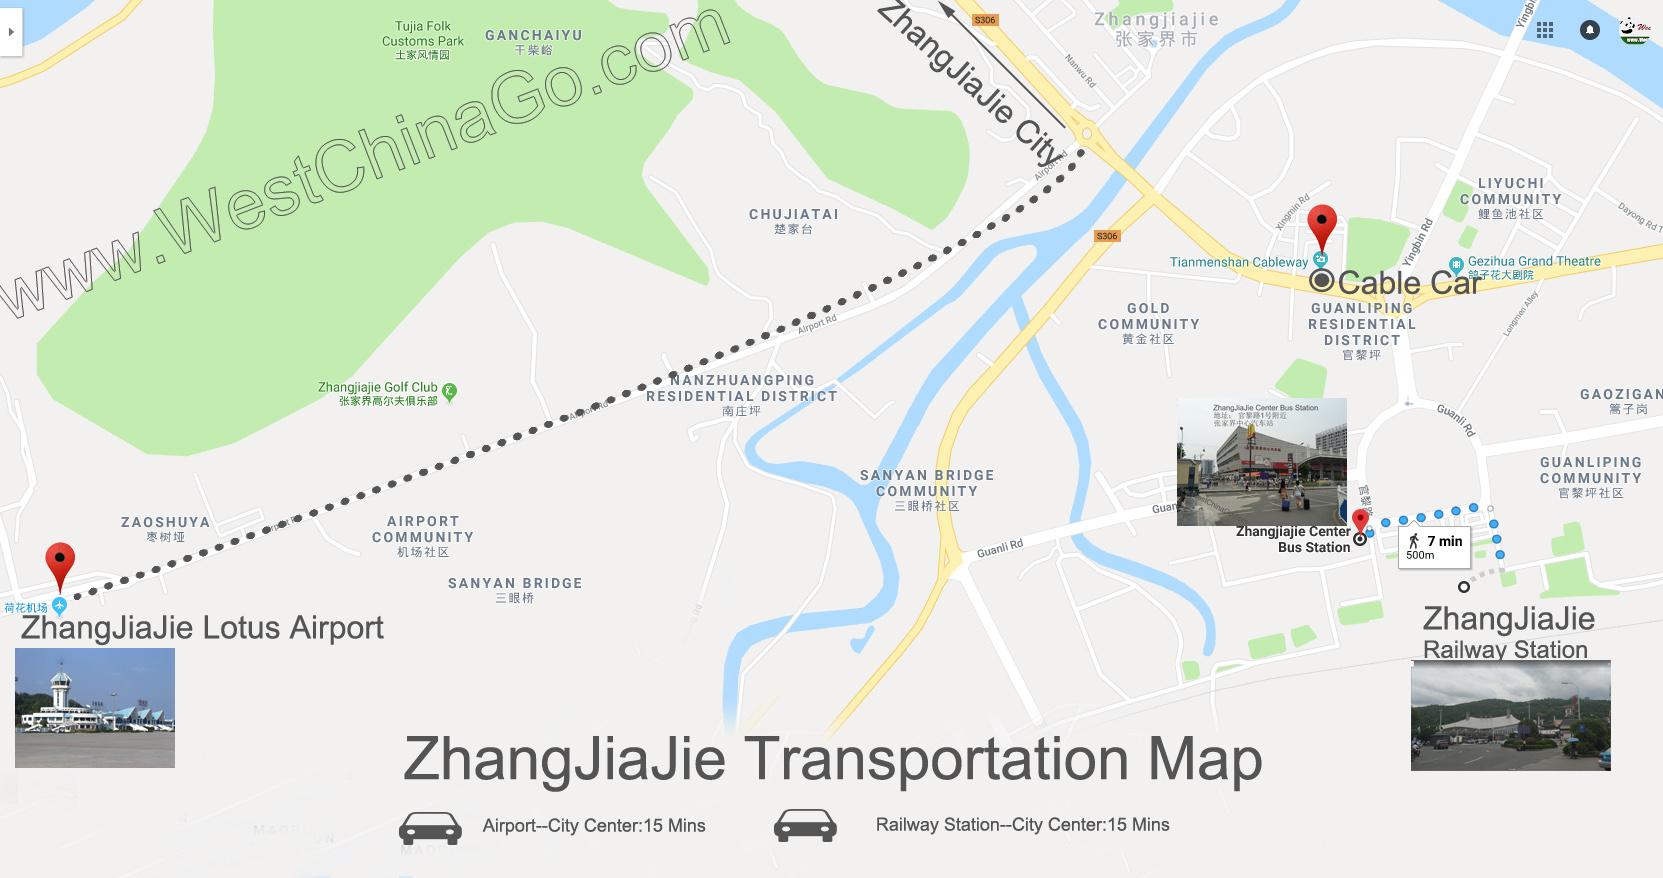 zhangjiajie transportation map